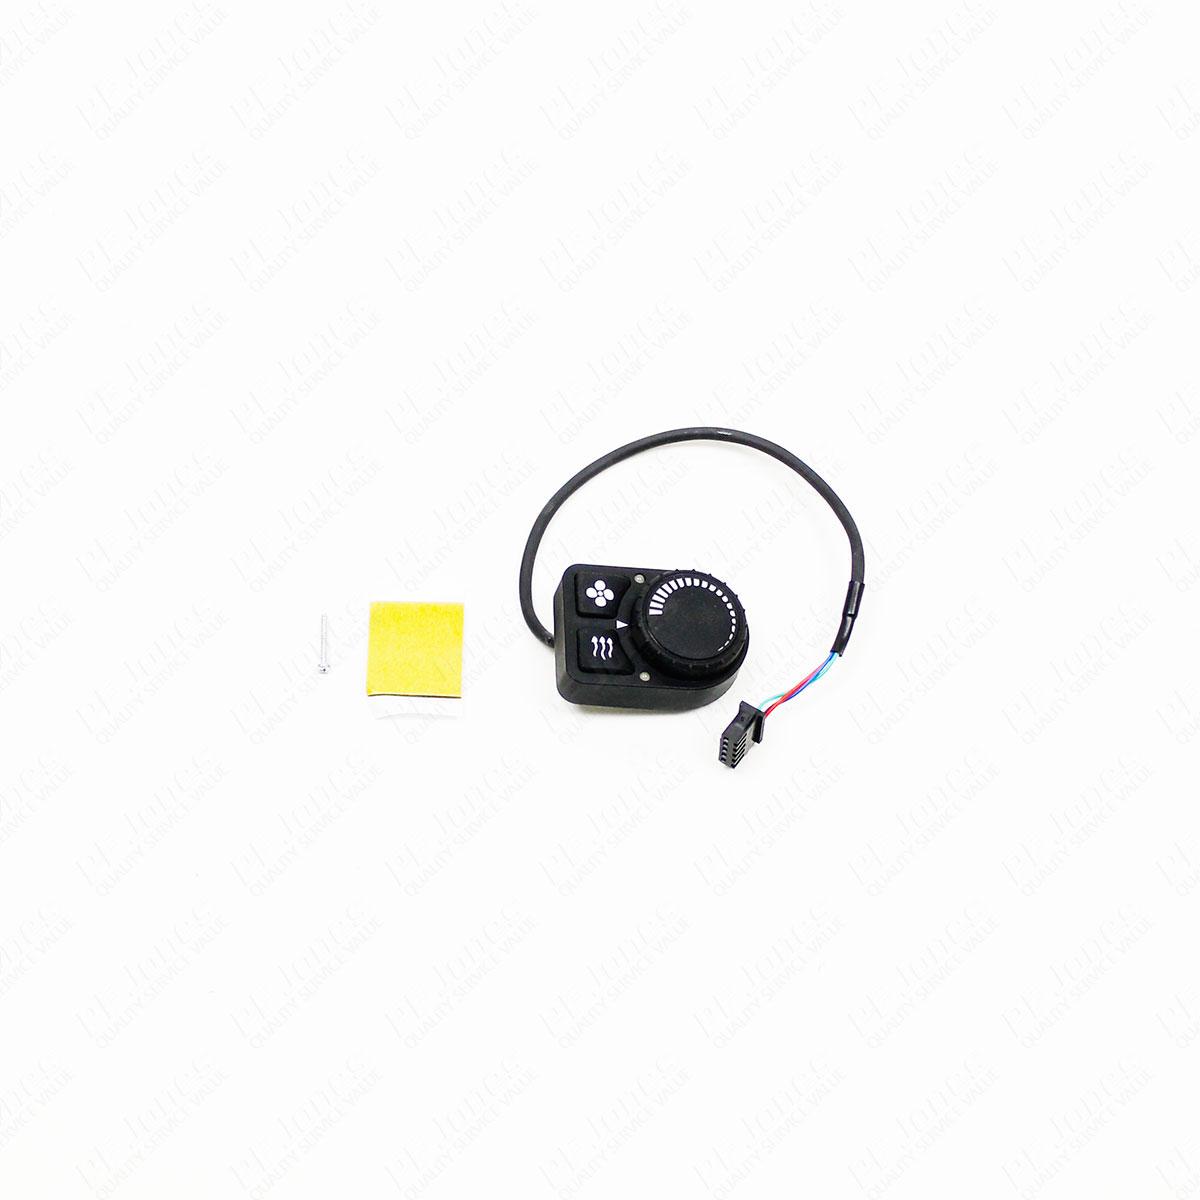 Planar 2D-12-TM Heater Controller